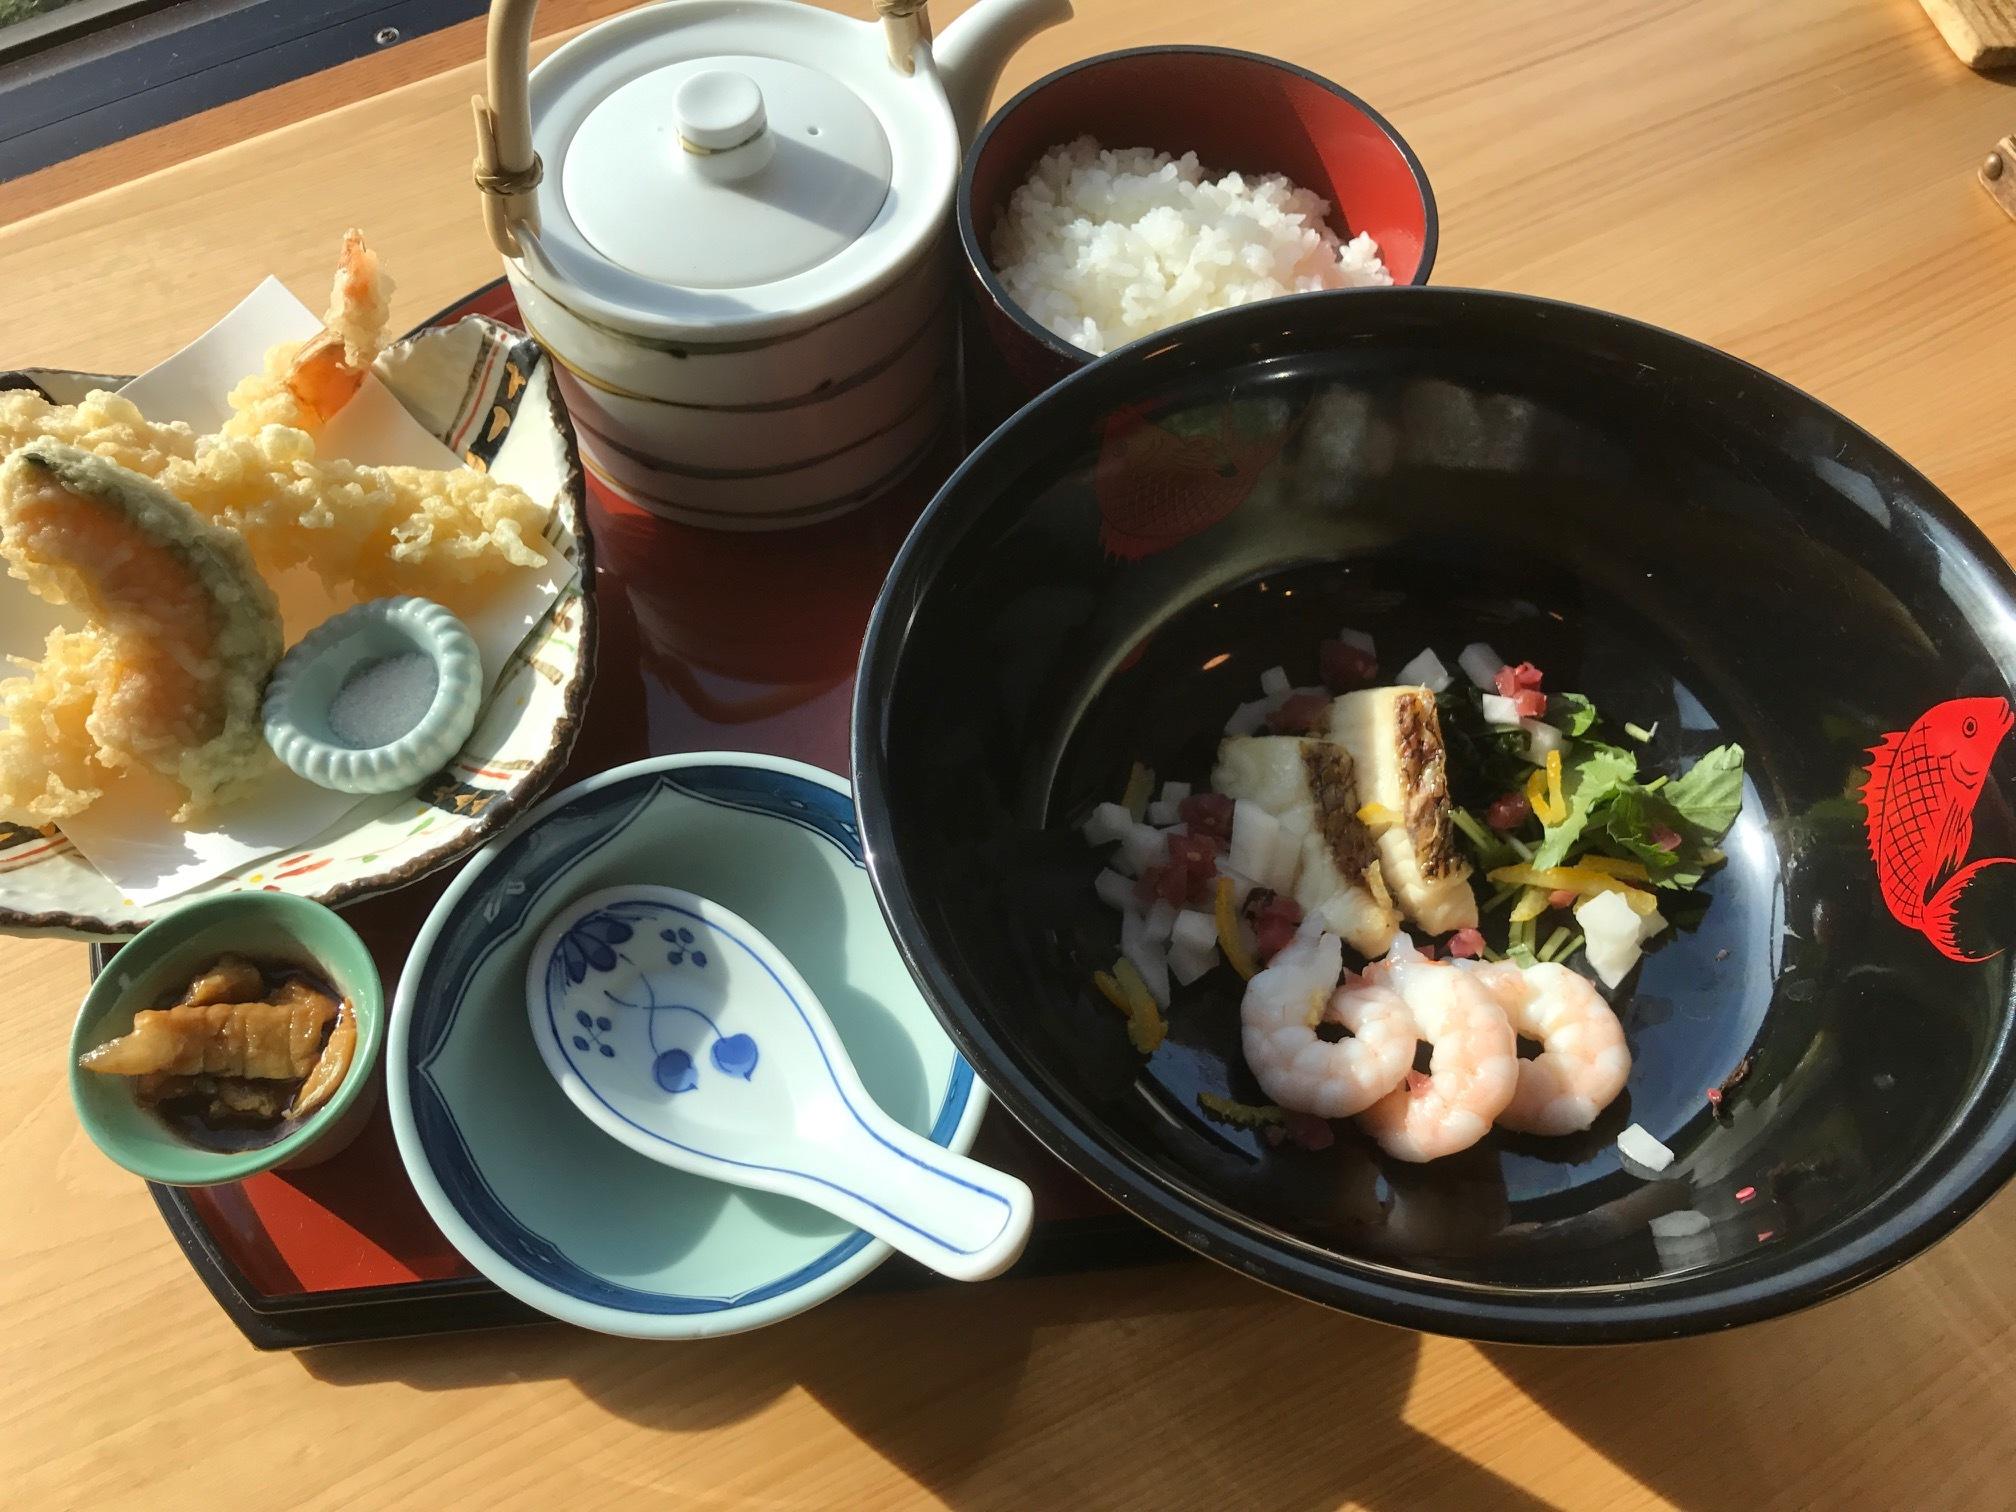 和歌山の食フェスで休暇村紀州加太が2度目の受賞!江戸時代の庶民の味「加太うずみ」をランチで12月から提供